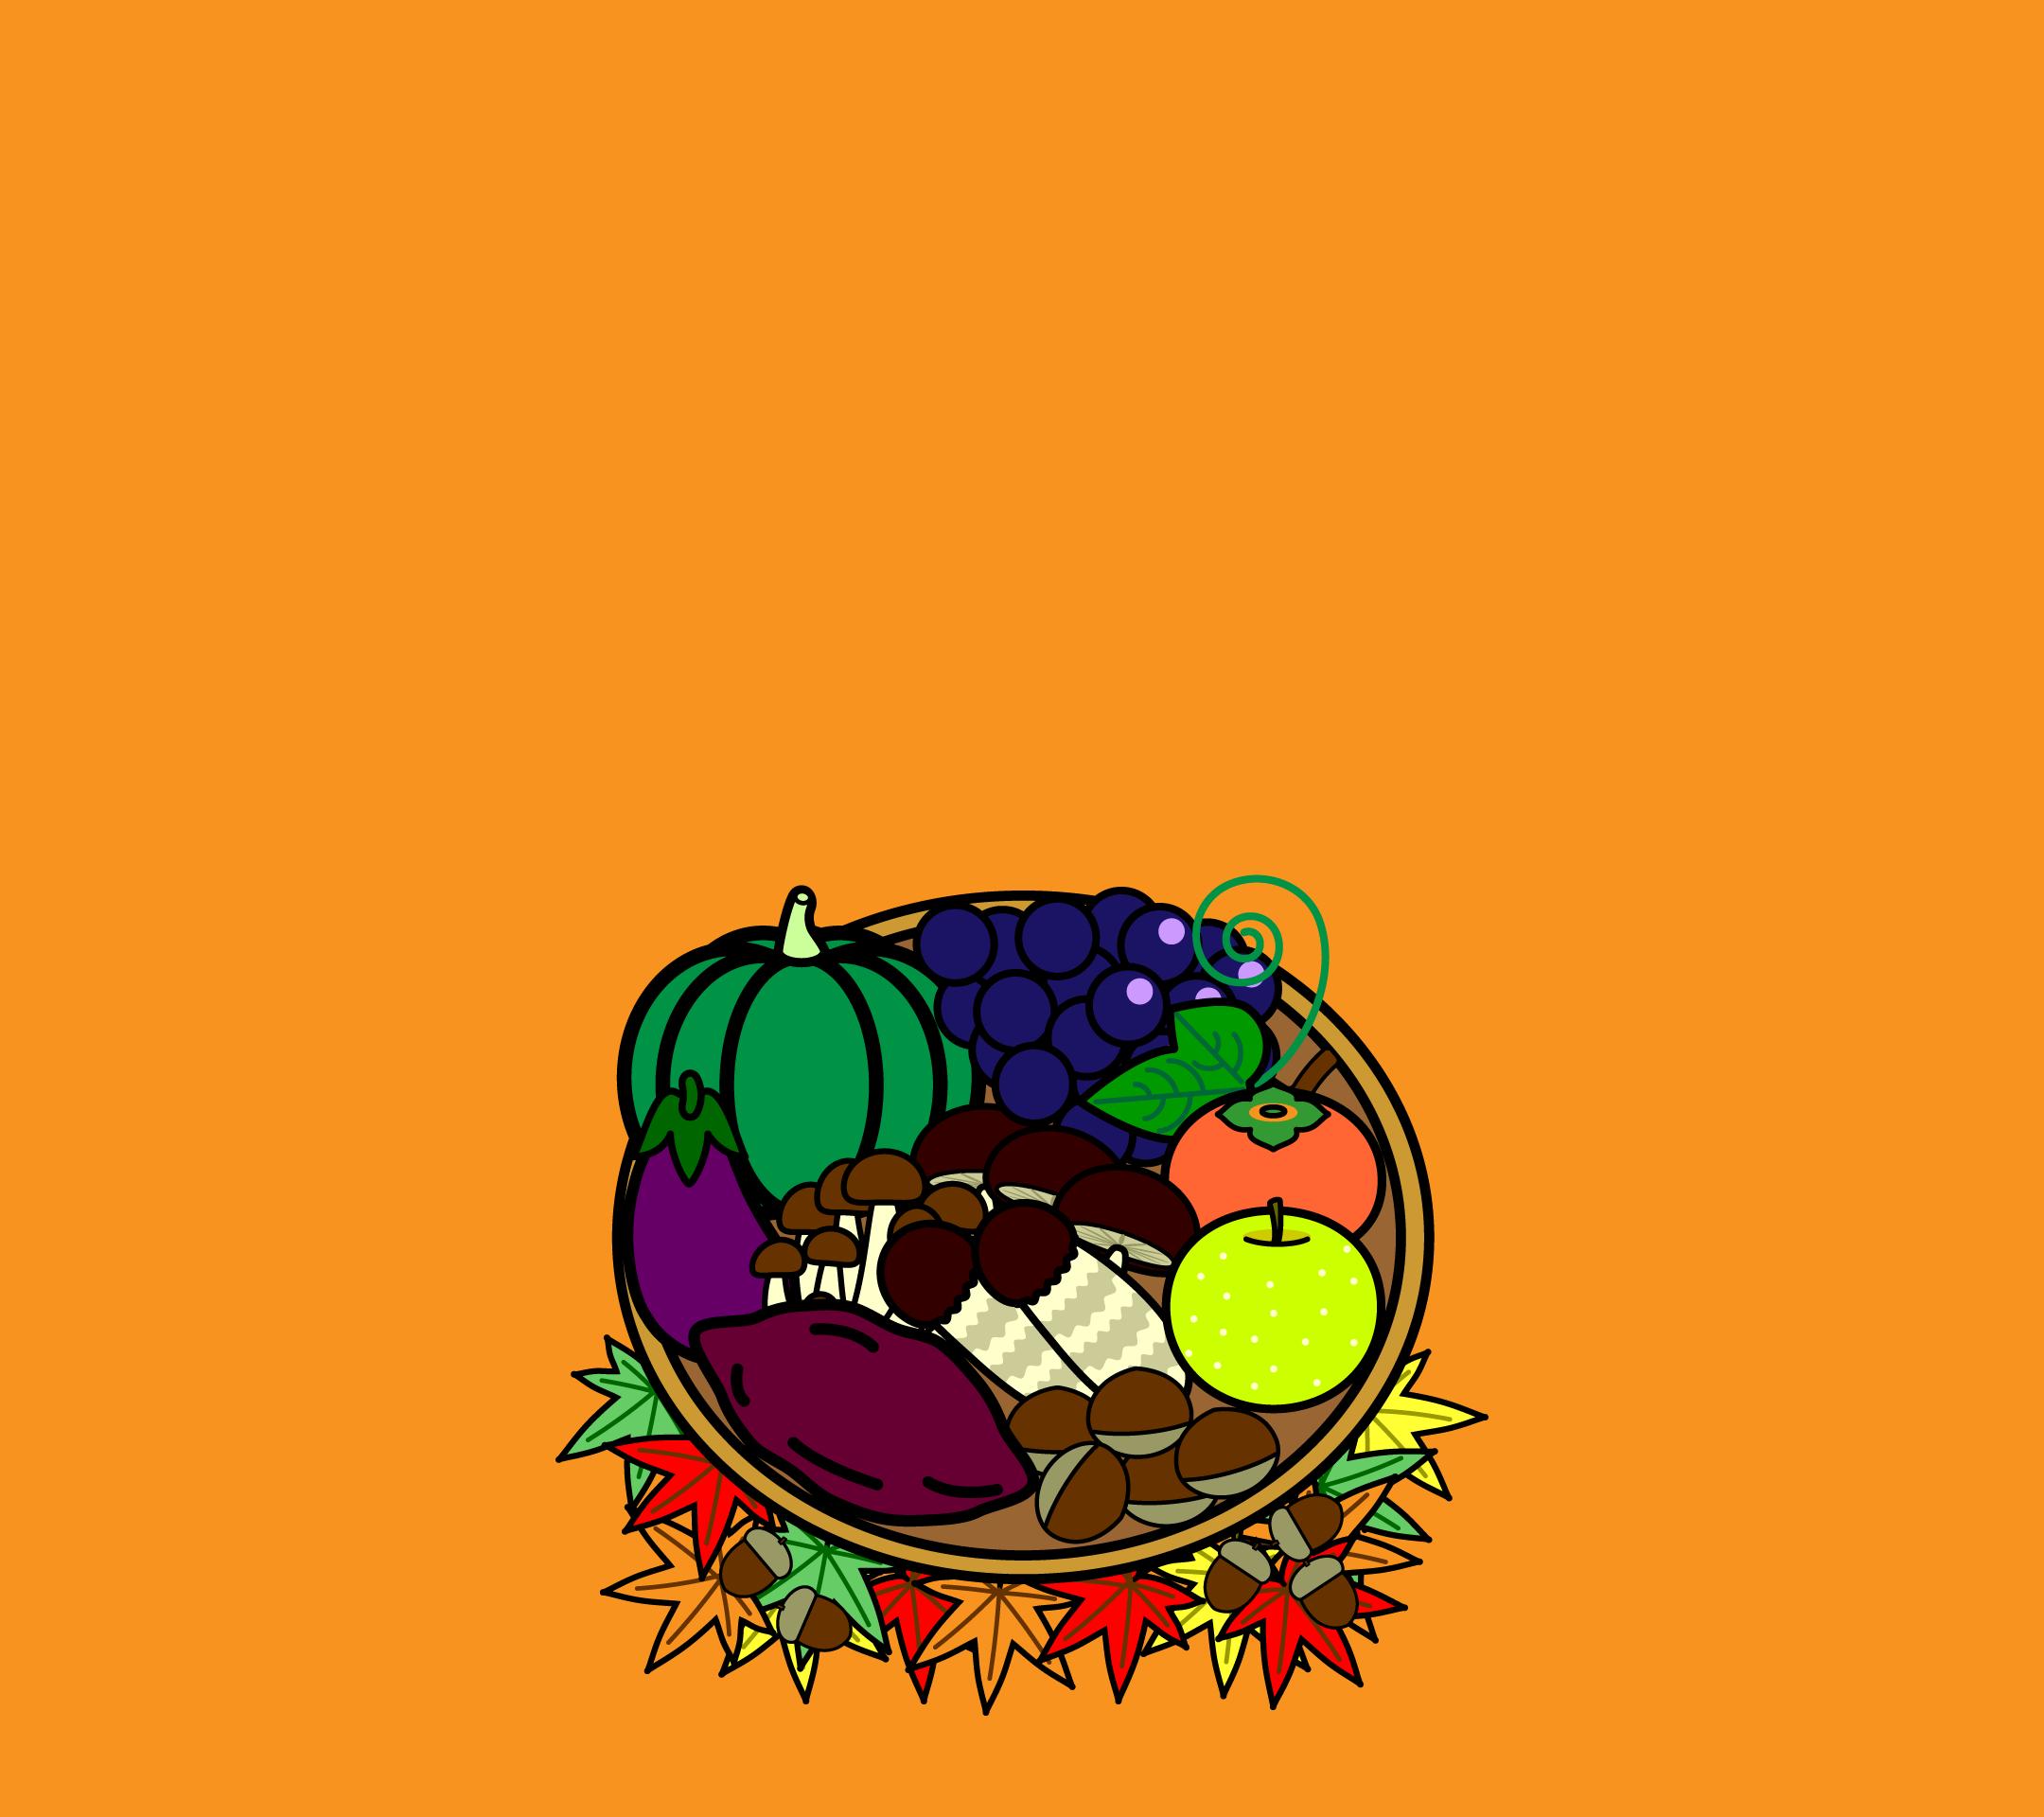 かわいい秋の味覚狩り壁紙(Android)の無料イラスト・商用フリー